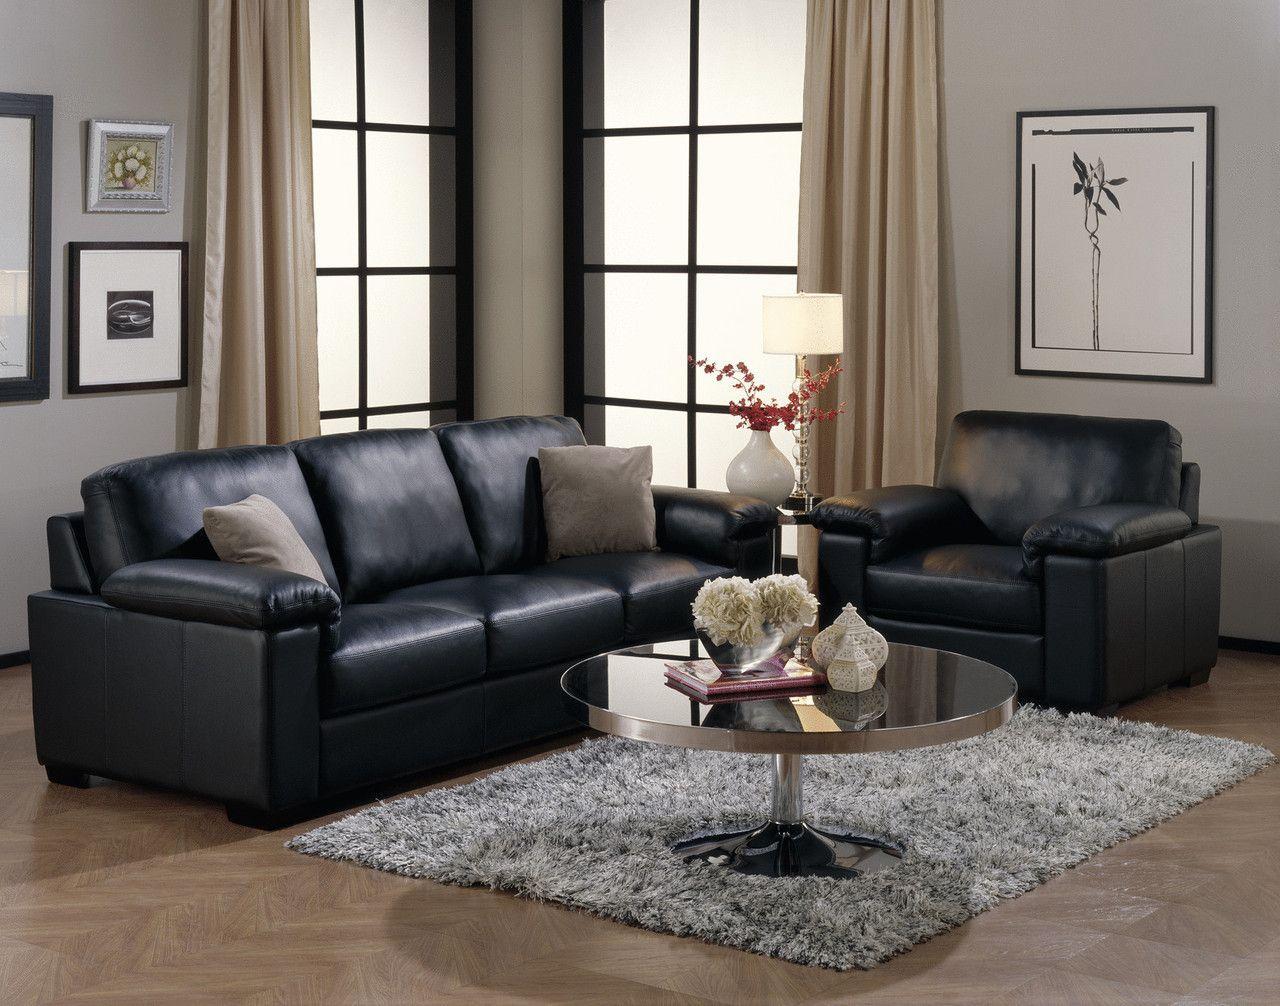 Palliser 77356 Maximo Leather Sofa Furniture Sofa Home Best Leather Sofa